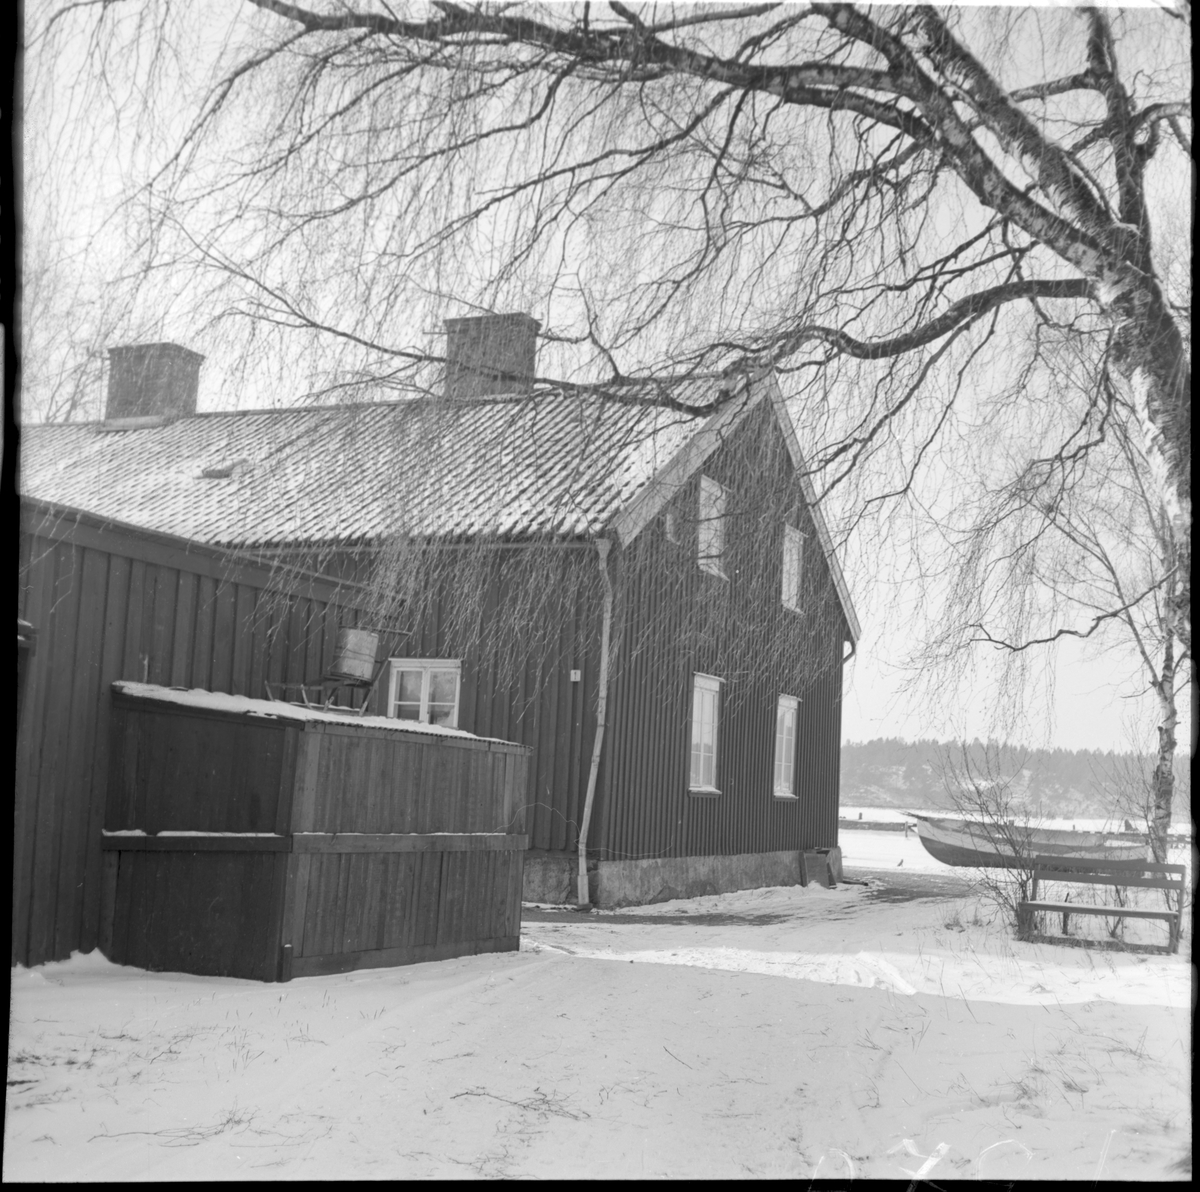 Kokhuset i Vänersborg.  1838 uppfördes ett kokhus nära hamnen i Vänersborg. Syftet med kokhuset var att ge skeppsbesättningarna en möjlighet att kunna laga mat och tvätta sina kläder då det var förbjudet att ha öppen eld på båtarna som låg tätt packade i hamnen. Byggnaden rymde förutom kokrum en bagarstuga, hökarbod och ett bostadsrum. Med tiden ansågs dock kokhuset som överflödigt. Under 1870-talet hade brandordningen som förbjöd eldning i hamnen ändrats och dessutom hade Vänersjöfarten minskat efter tillkomsten av järnvägarna. 1880 började kokhuset istället användas som bostadshus vilket rymde sex smålägenheter och två spisrum. Efter flera försök att rädda kokhuset så revs det dock sommaren 1964